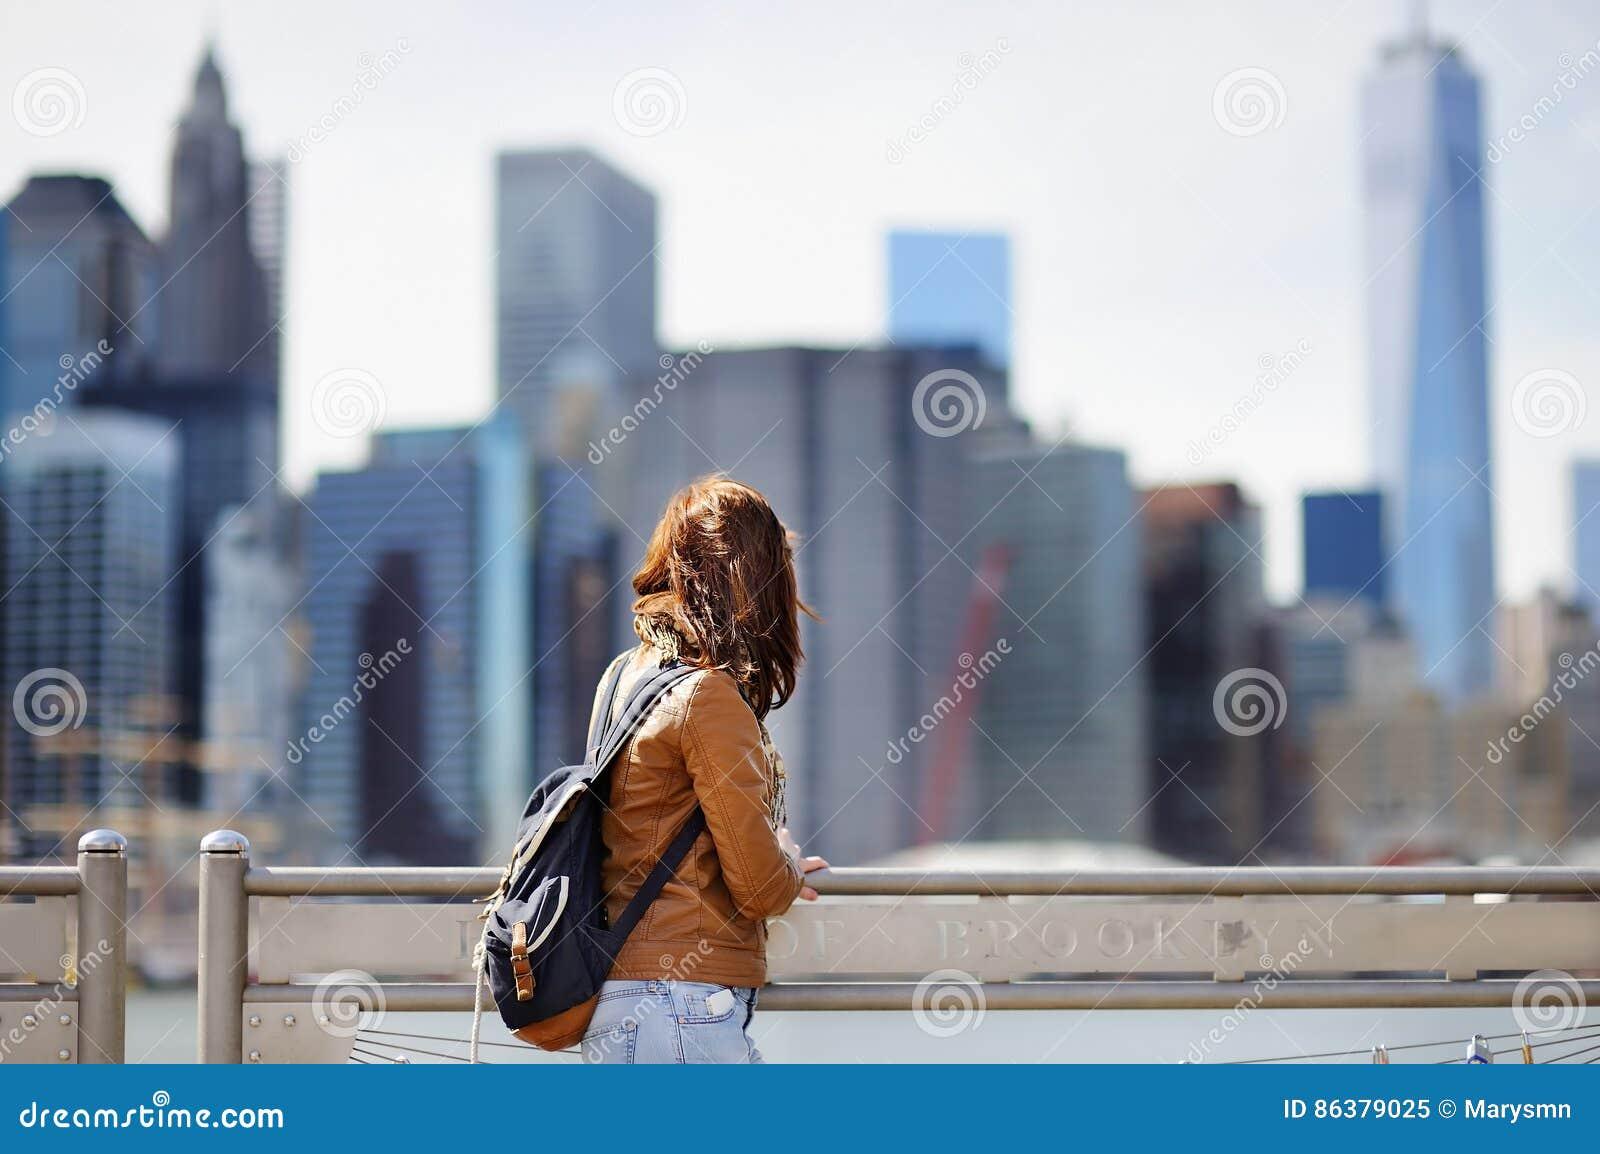 Il turista femminile gode della vista panoramica con i grattacieli di Manhattan a New York, U.S.A.